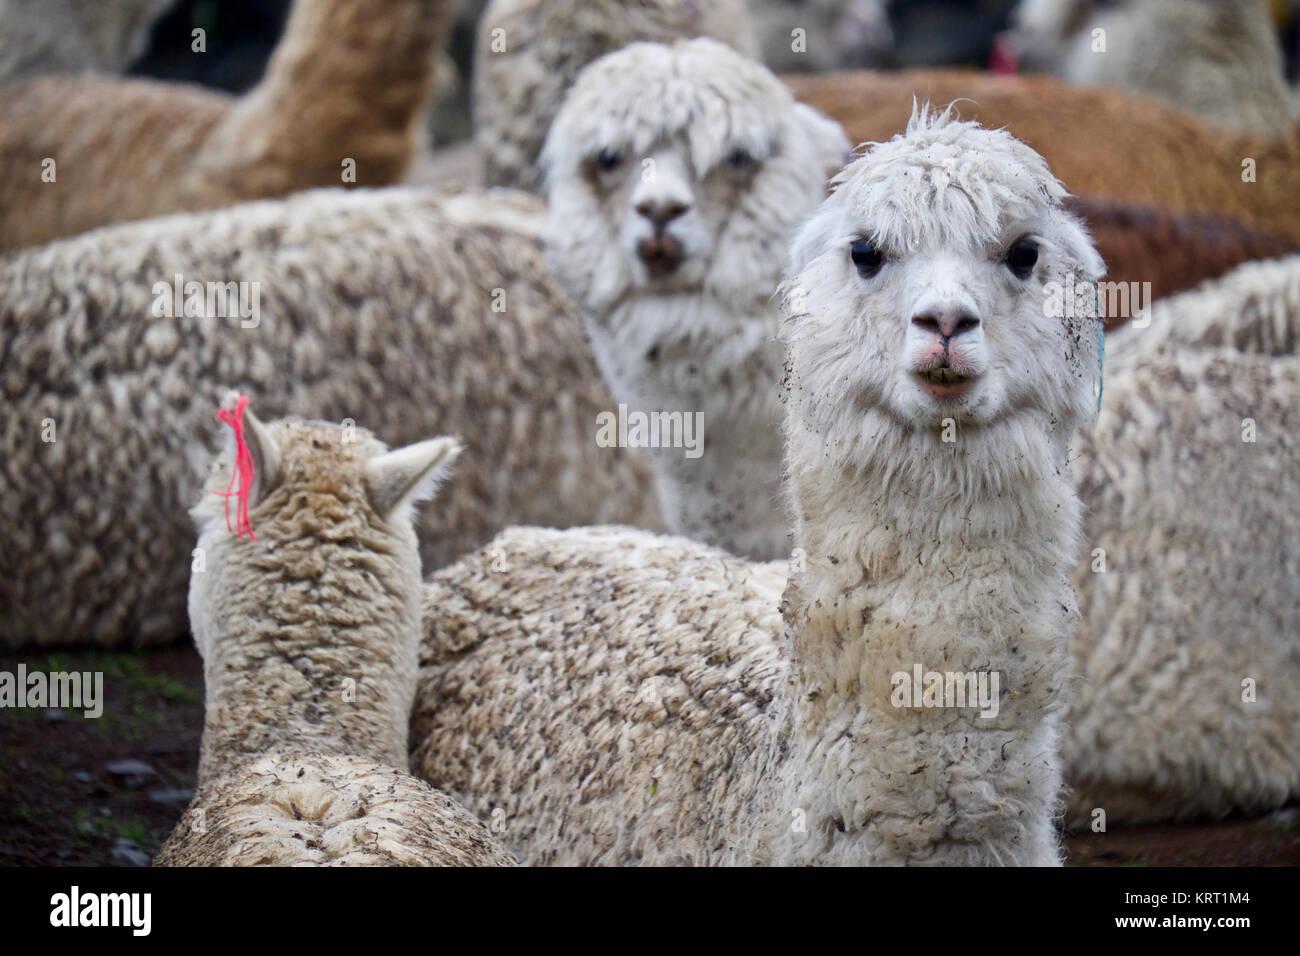 Rebaño de alpacas en Q'ero aldea en los Andes cerca del Valle Sagrado. Q'ero se consideran los antepasados espirituales de los Incas que viven en 4300* m de altitud Foto de stock